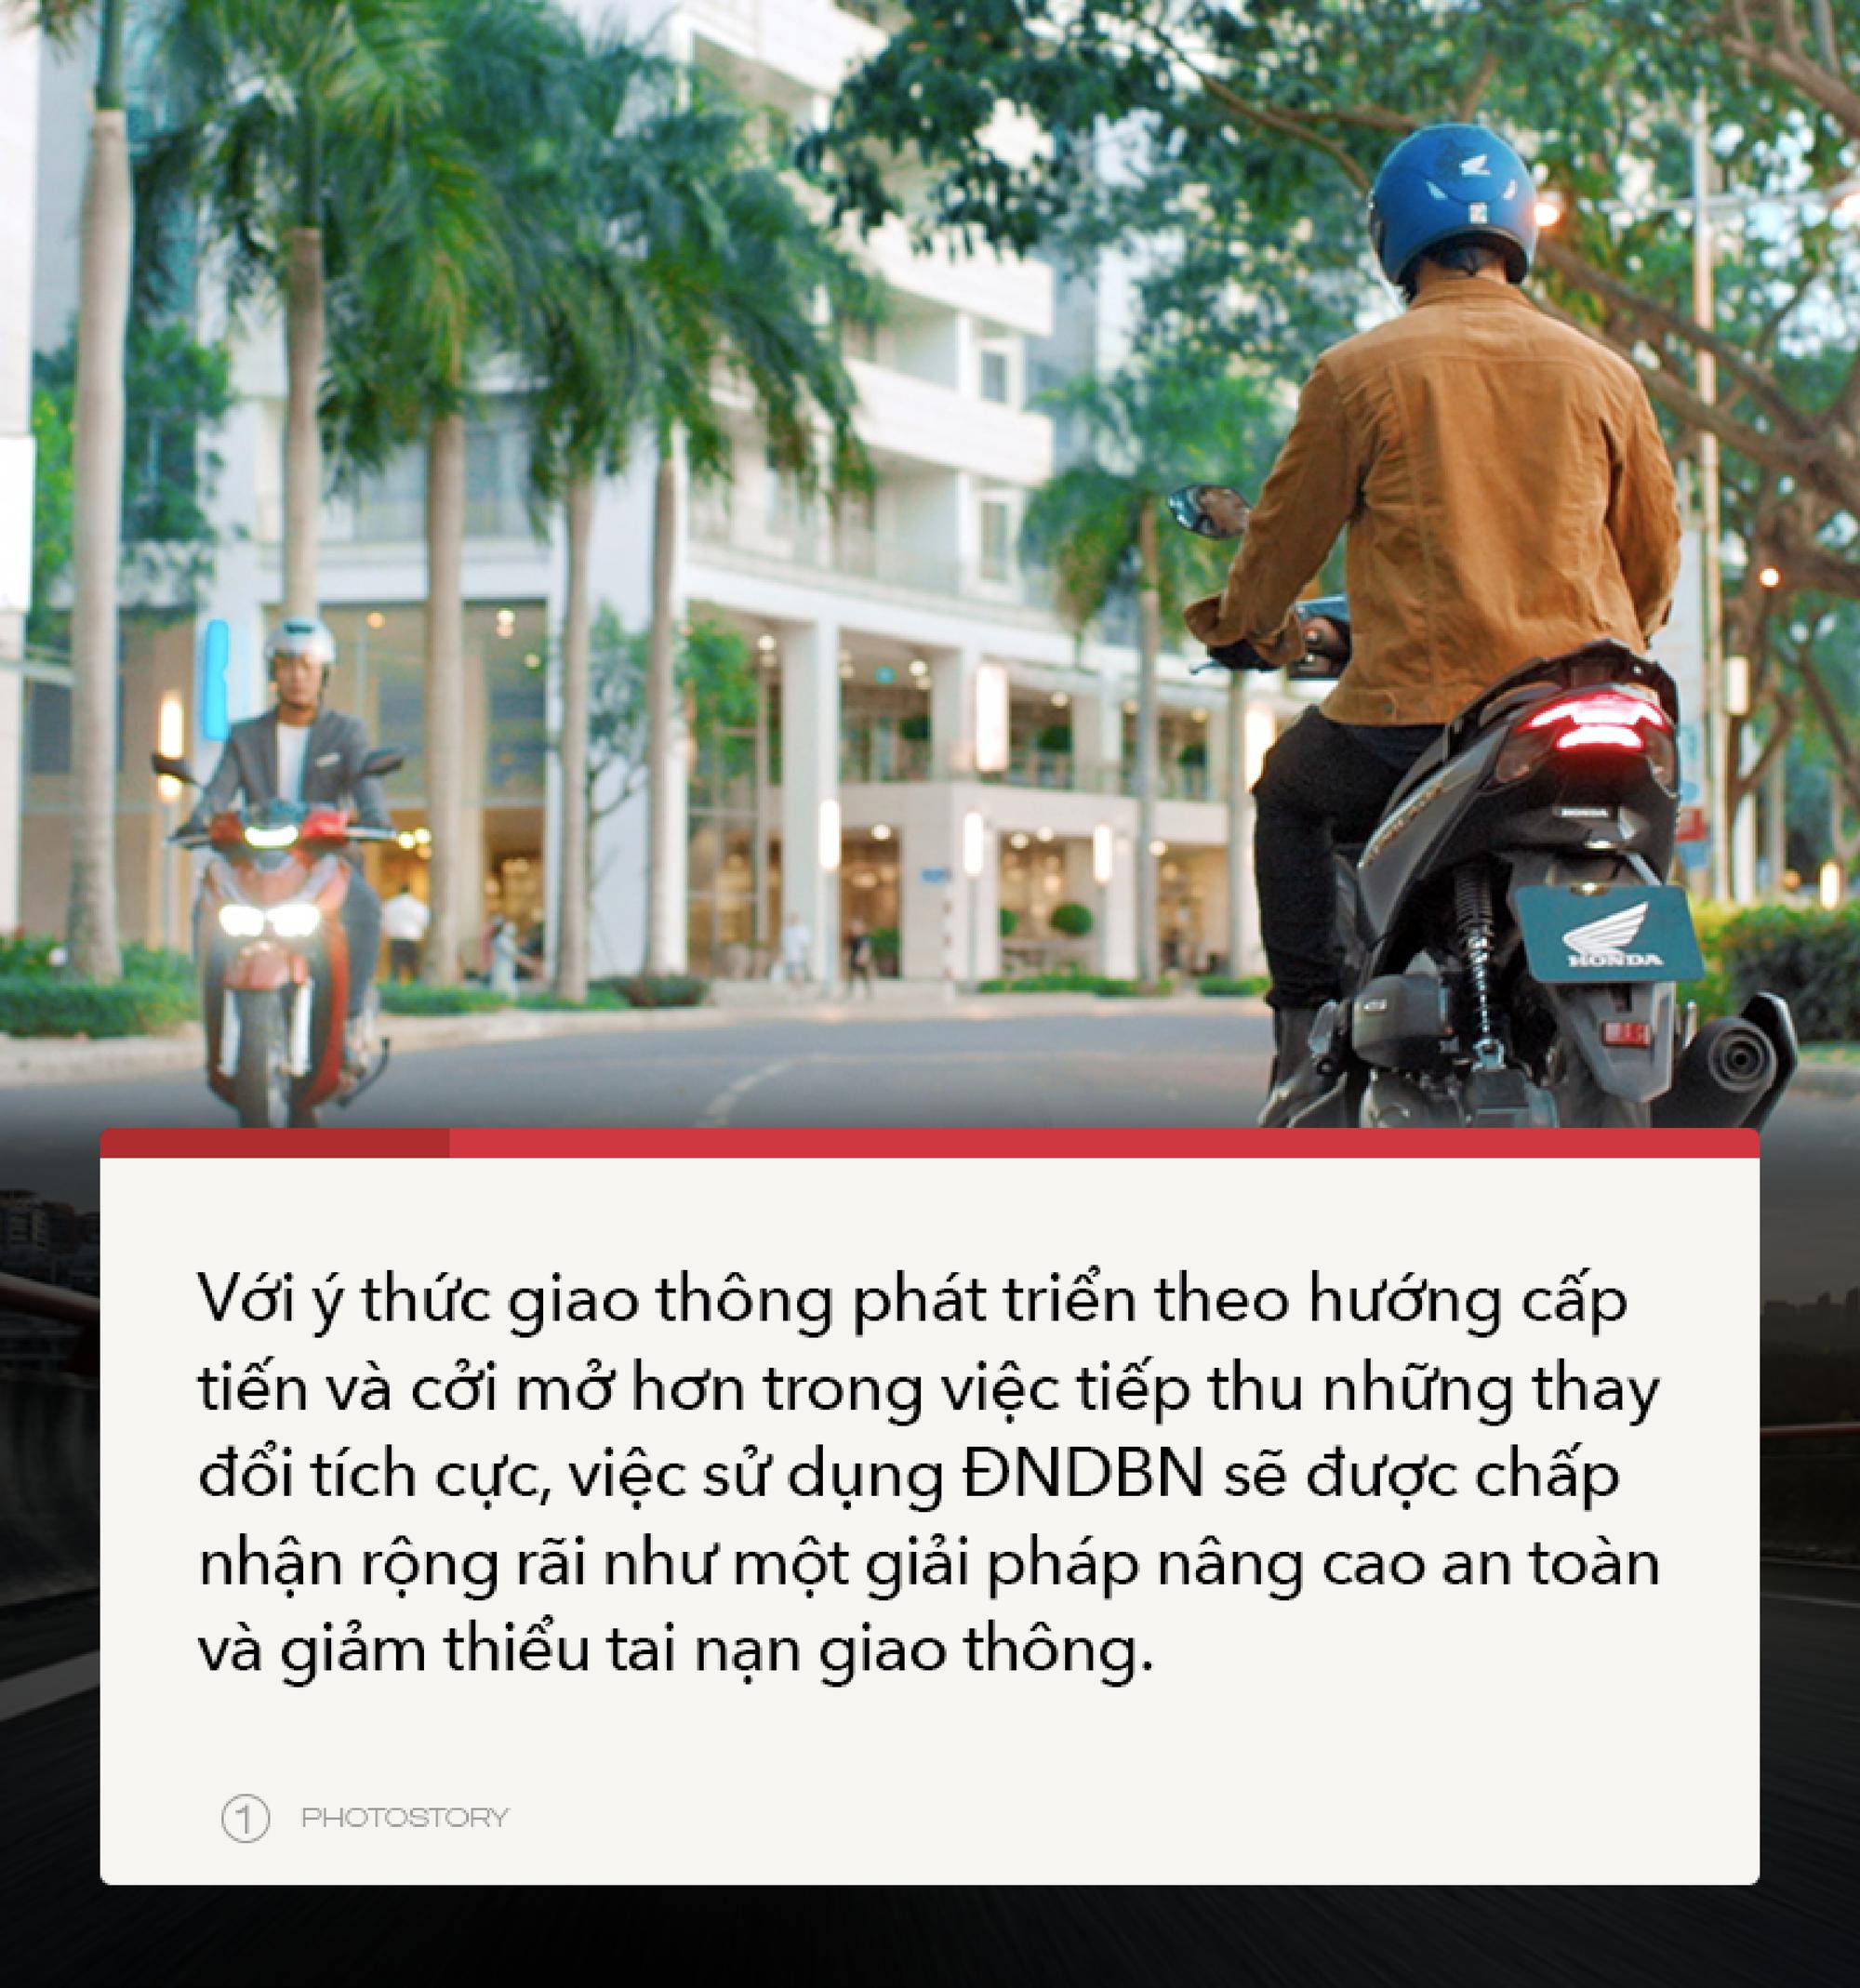 Đèn nhận diện ban ngày, xu hướng dần trở nên phổ biến tại Việt Nam - Ảnh 6.